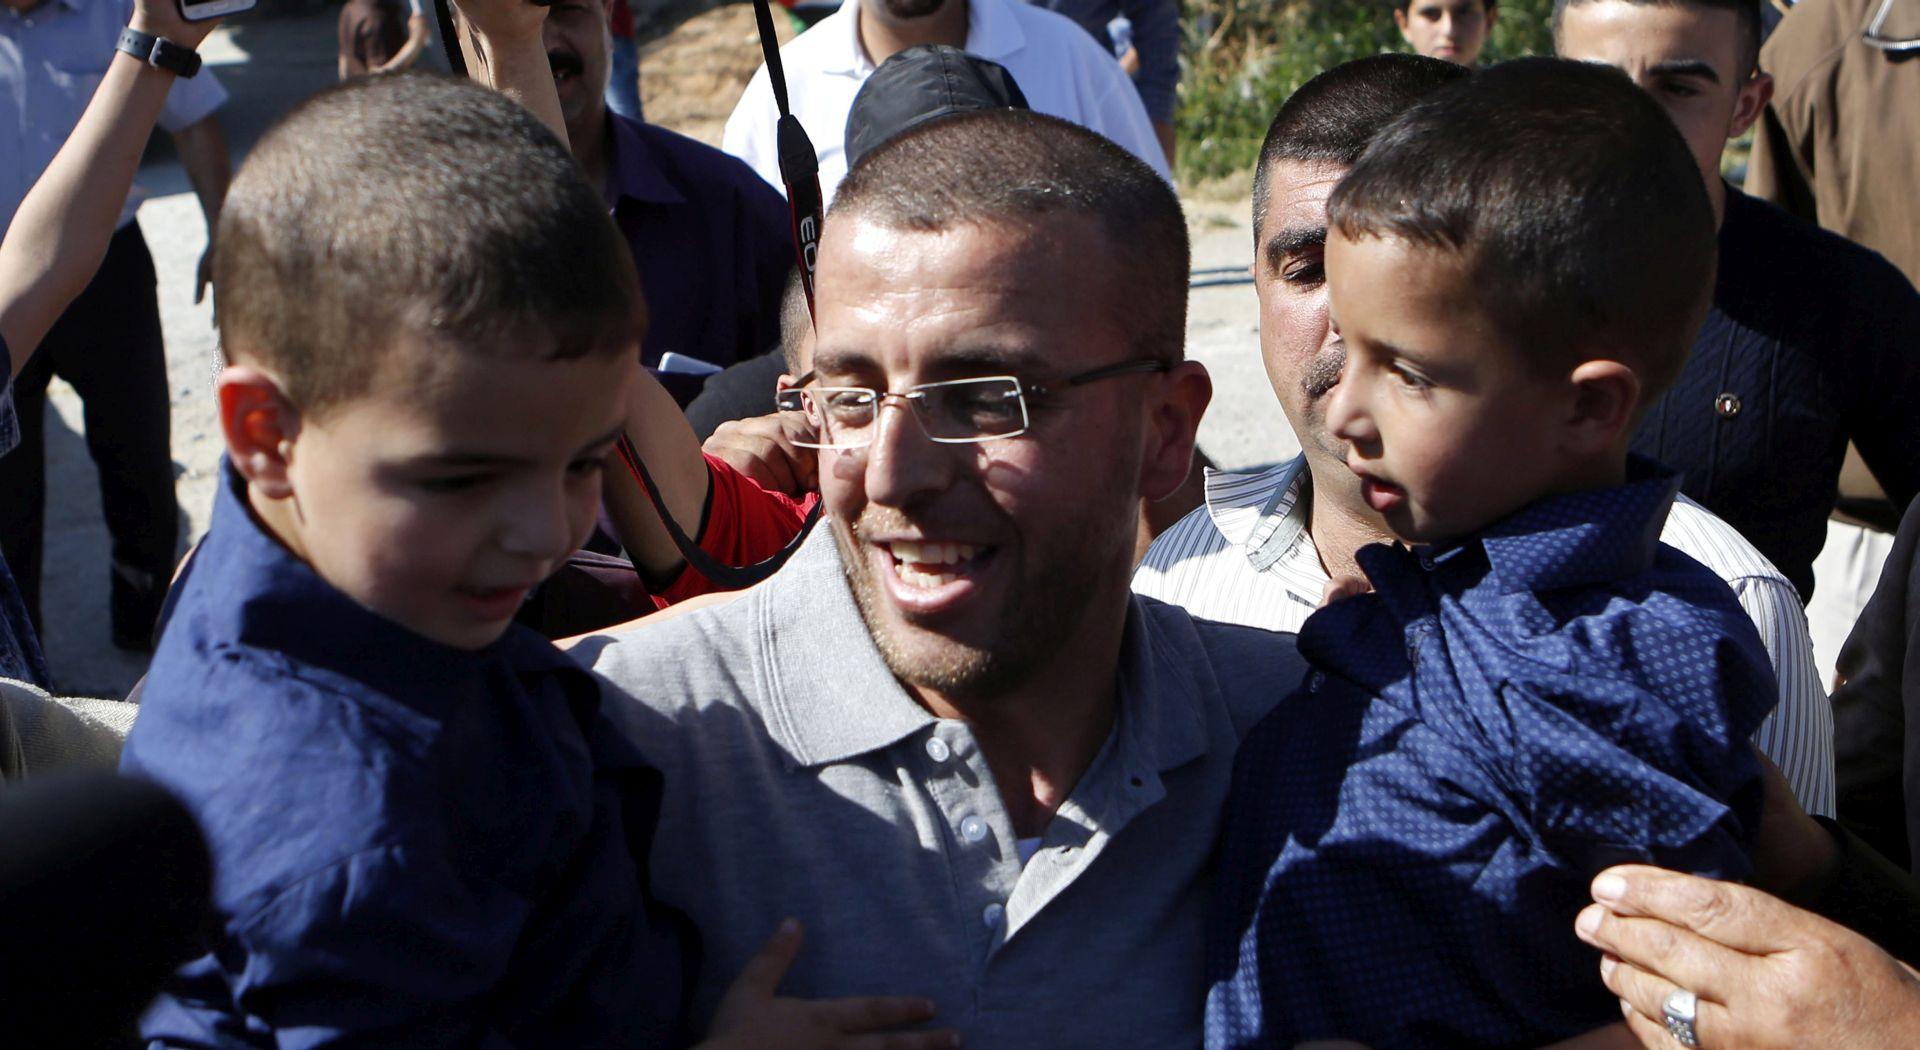 Izrael oslobodio palestinskog novinara koji je 94 dana štrajkao glađu